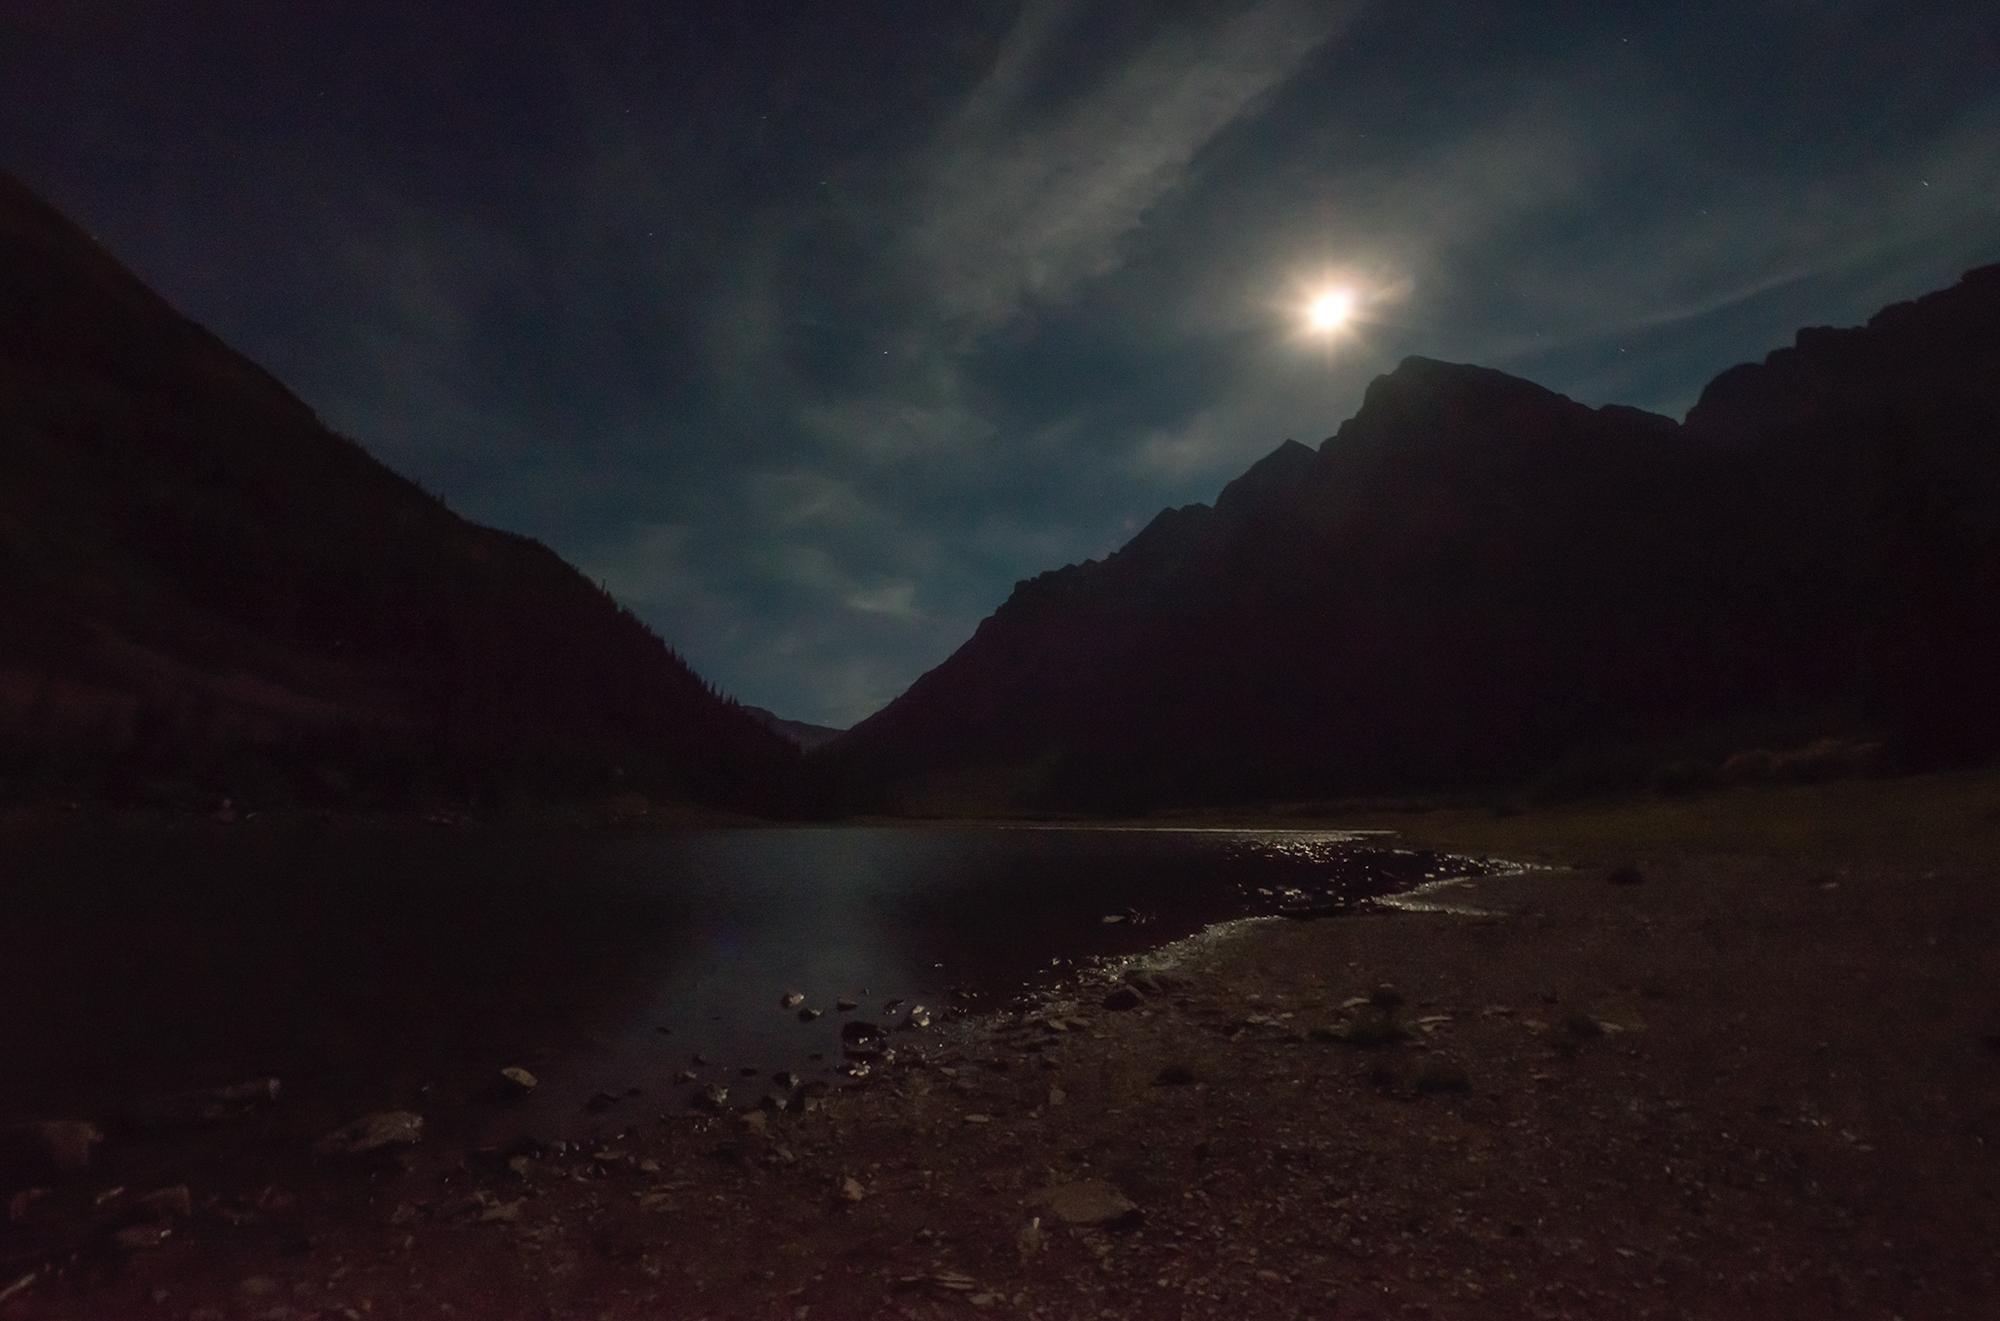 Moon at Crater Lake  Maroon Bells, Colorado, 2015 – The